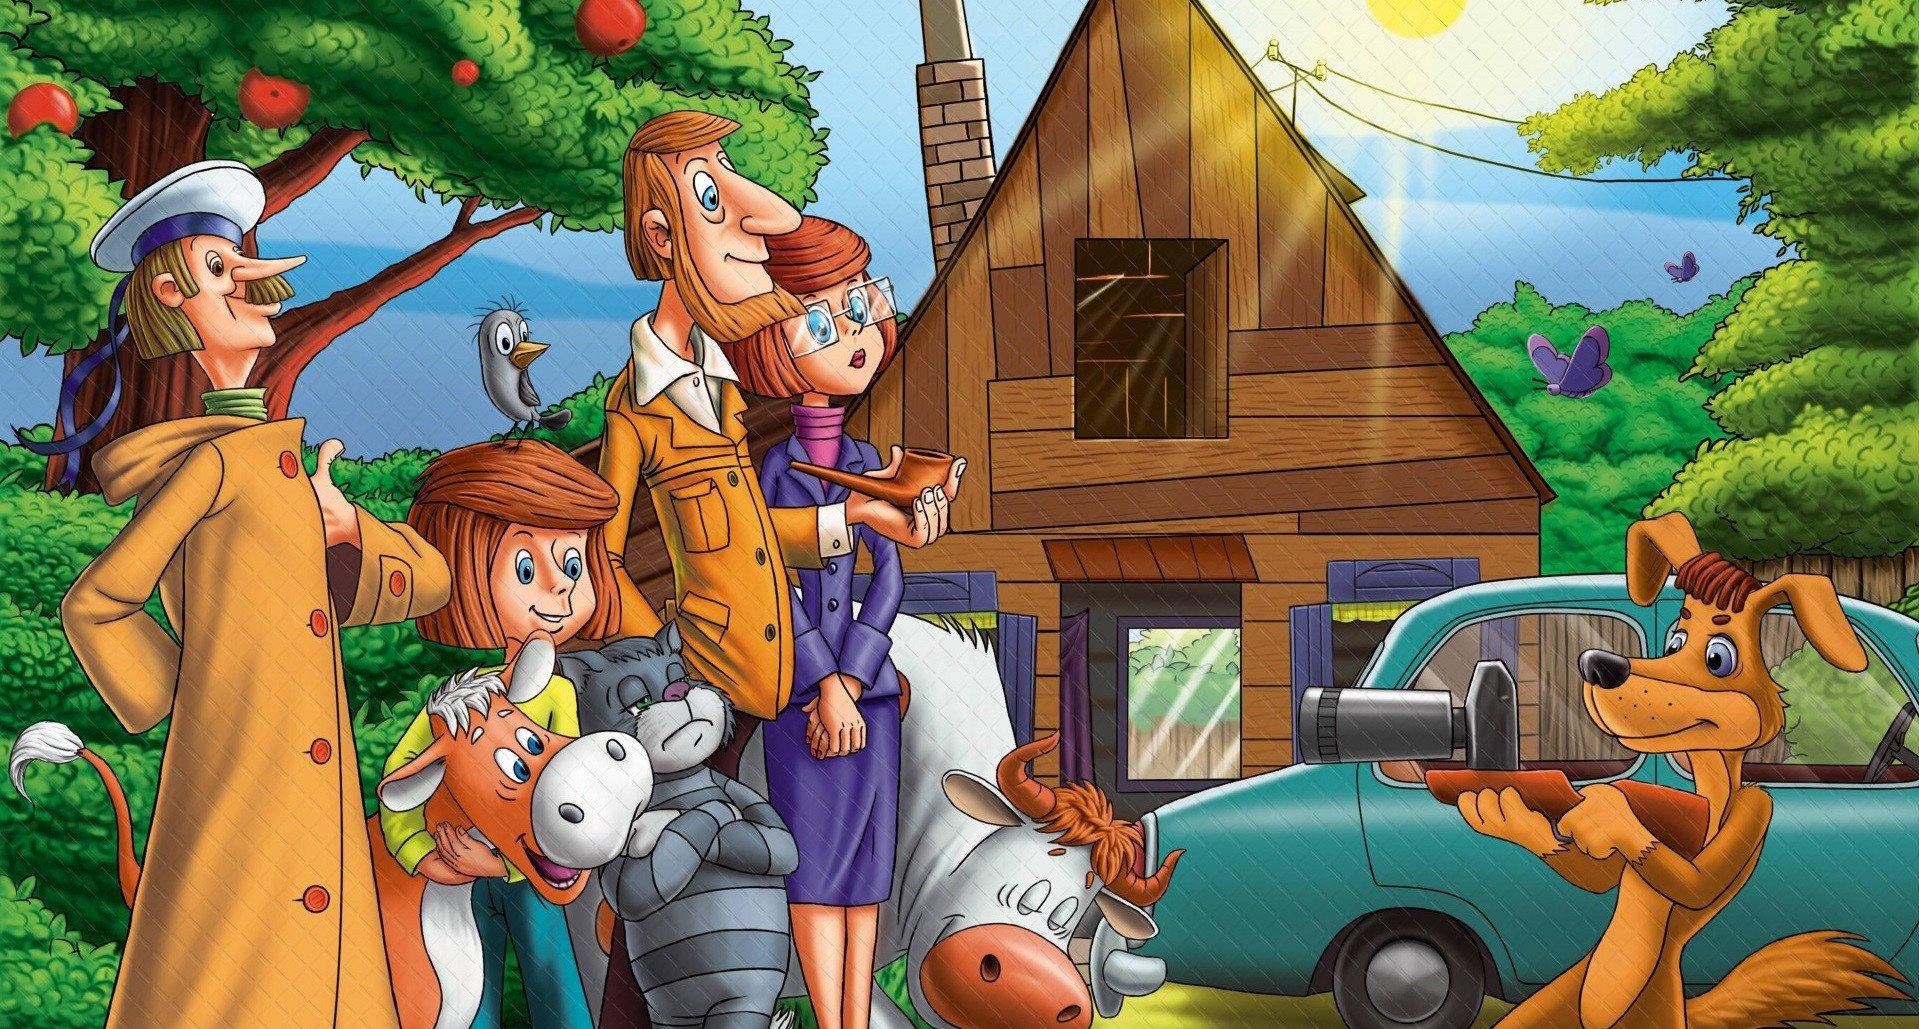 «Союзмультфильм» покажет новейшую серию мультфильма «Простоквашино» 4мая